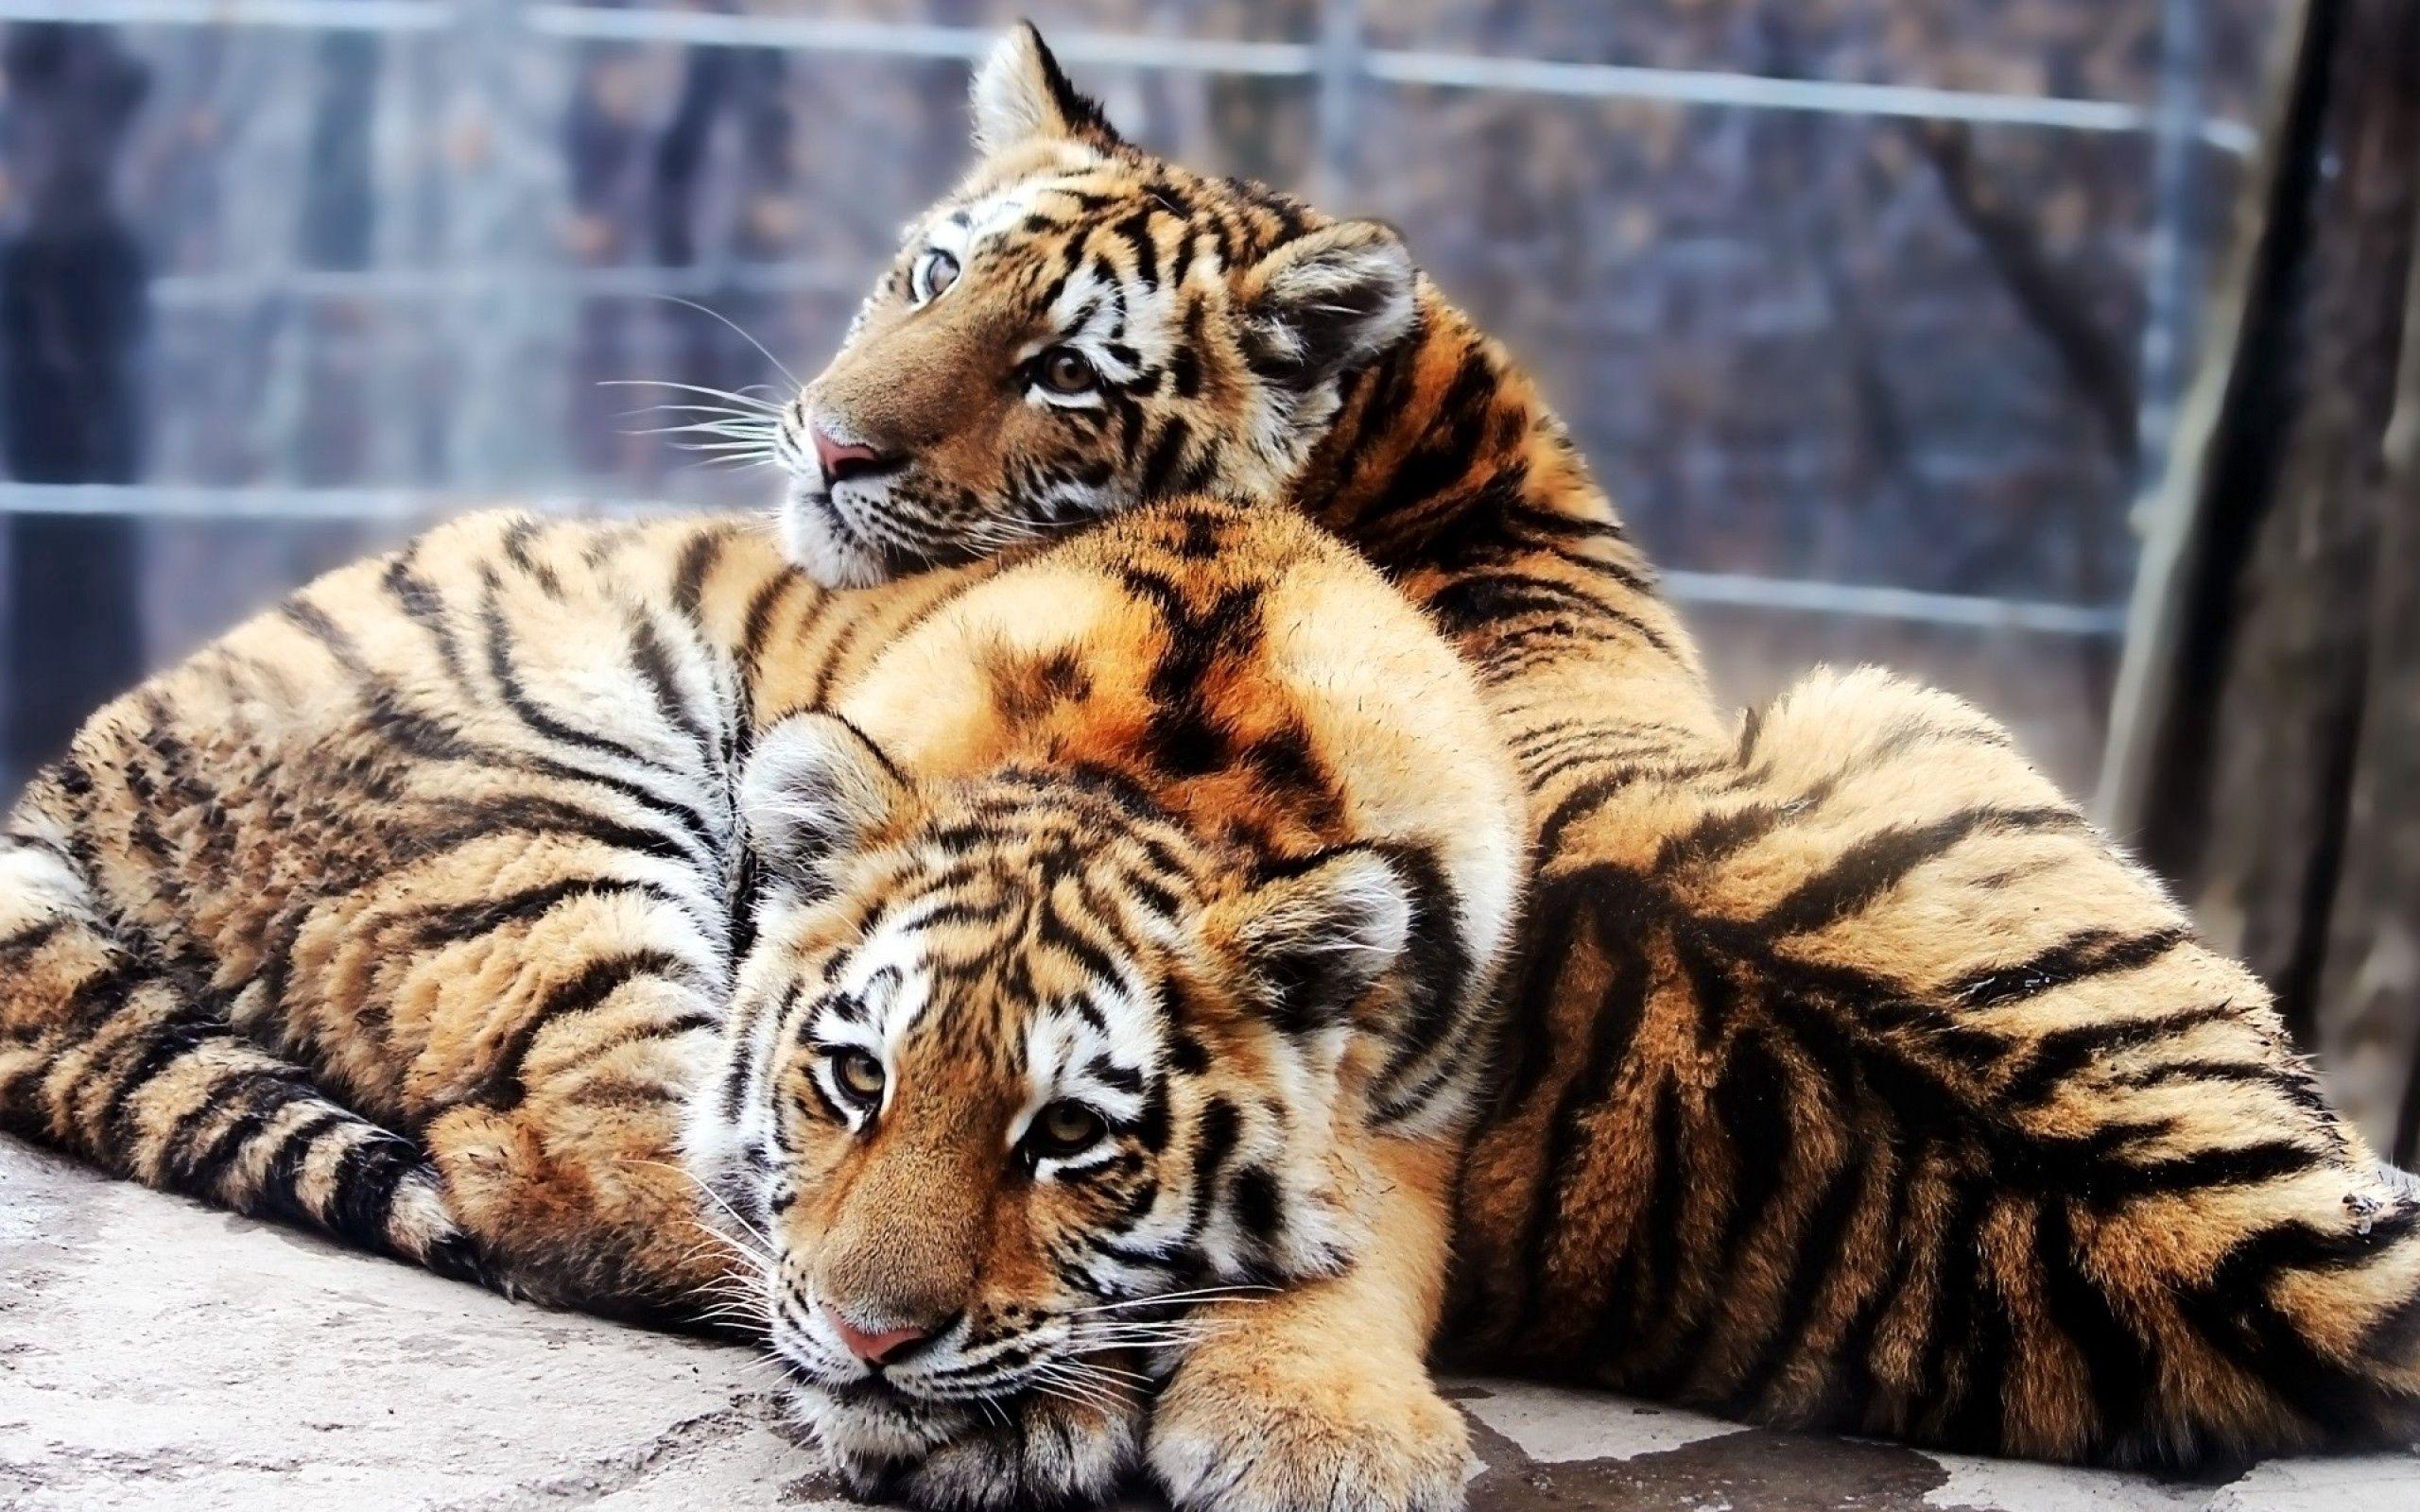 143057壁紙のダウンロード動物, カップル, 双, カブス, 若い, 横になります, 嘘, 阪神タイガース-スクリーンセーバーと写真を無料で